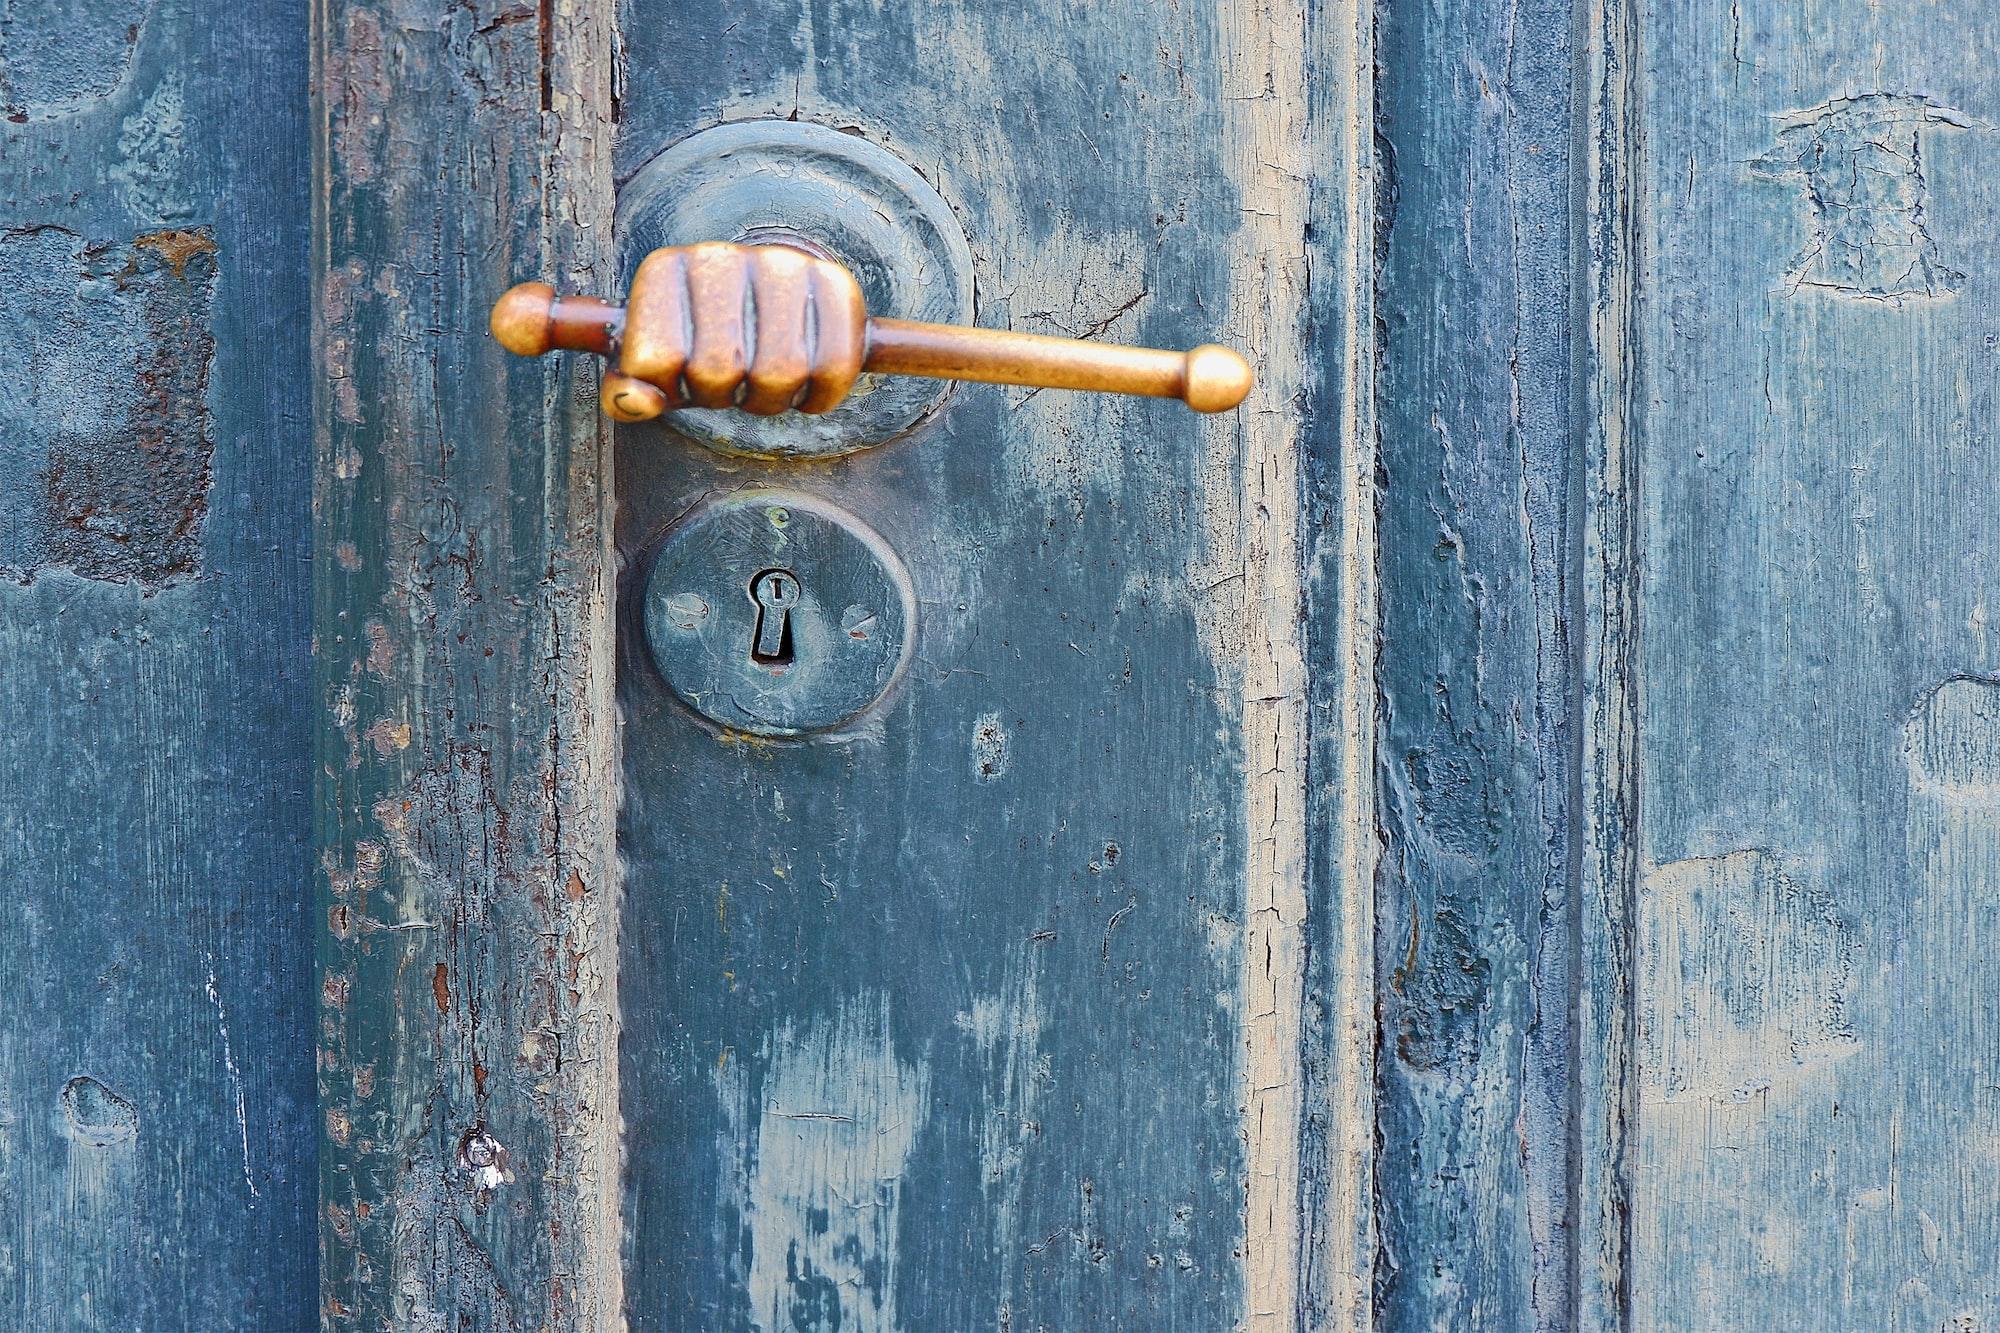 Złamany klucz w zamku?